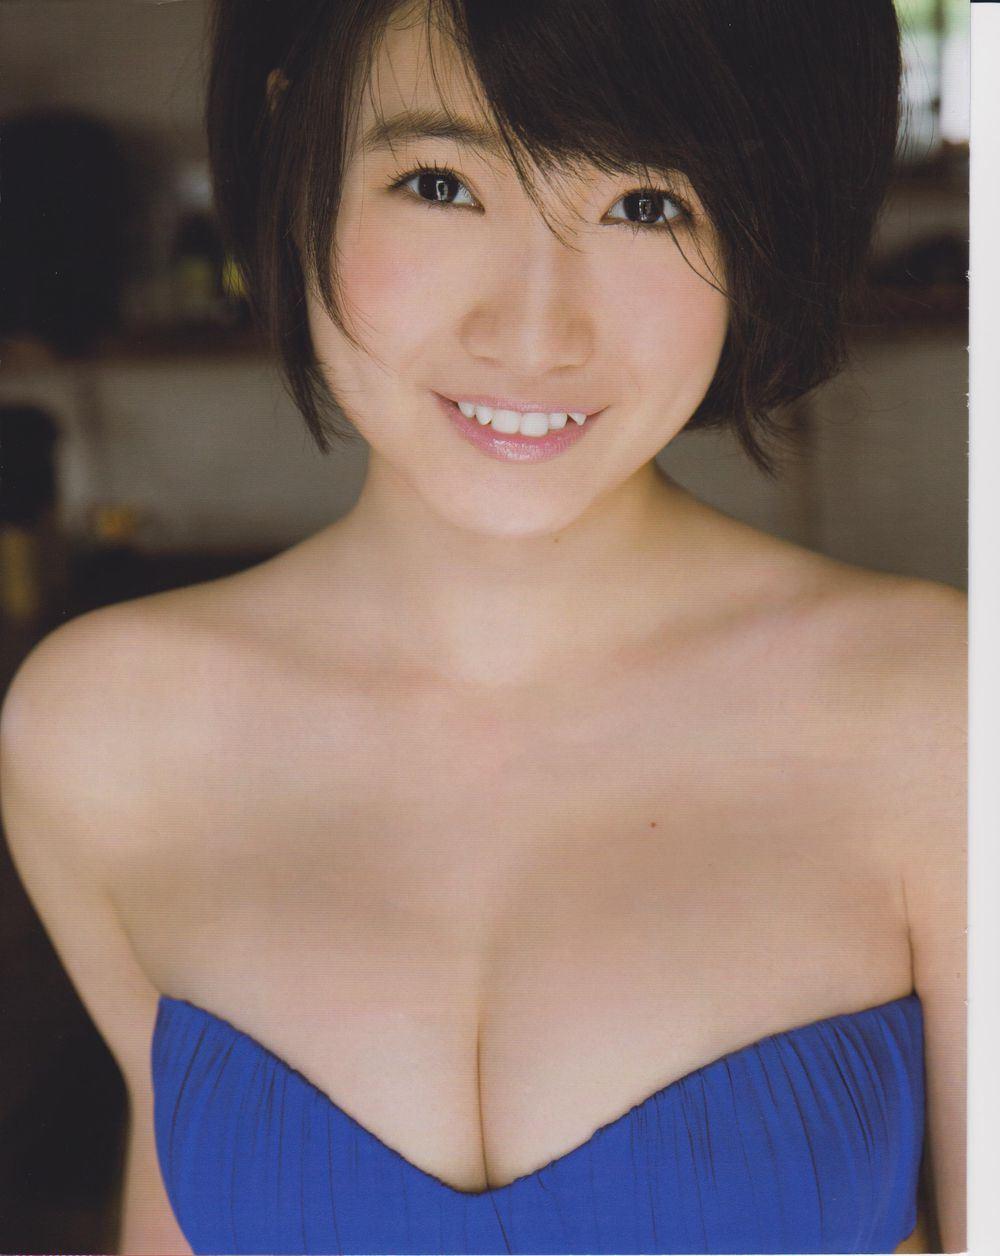 朝長美桜 画像 45